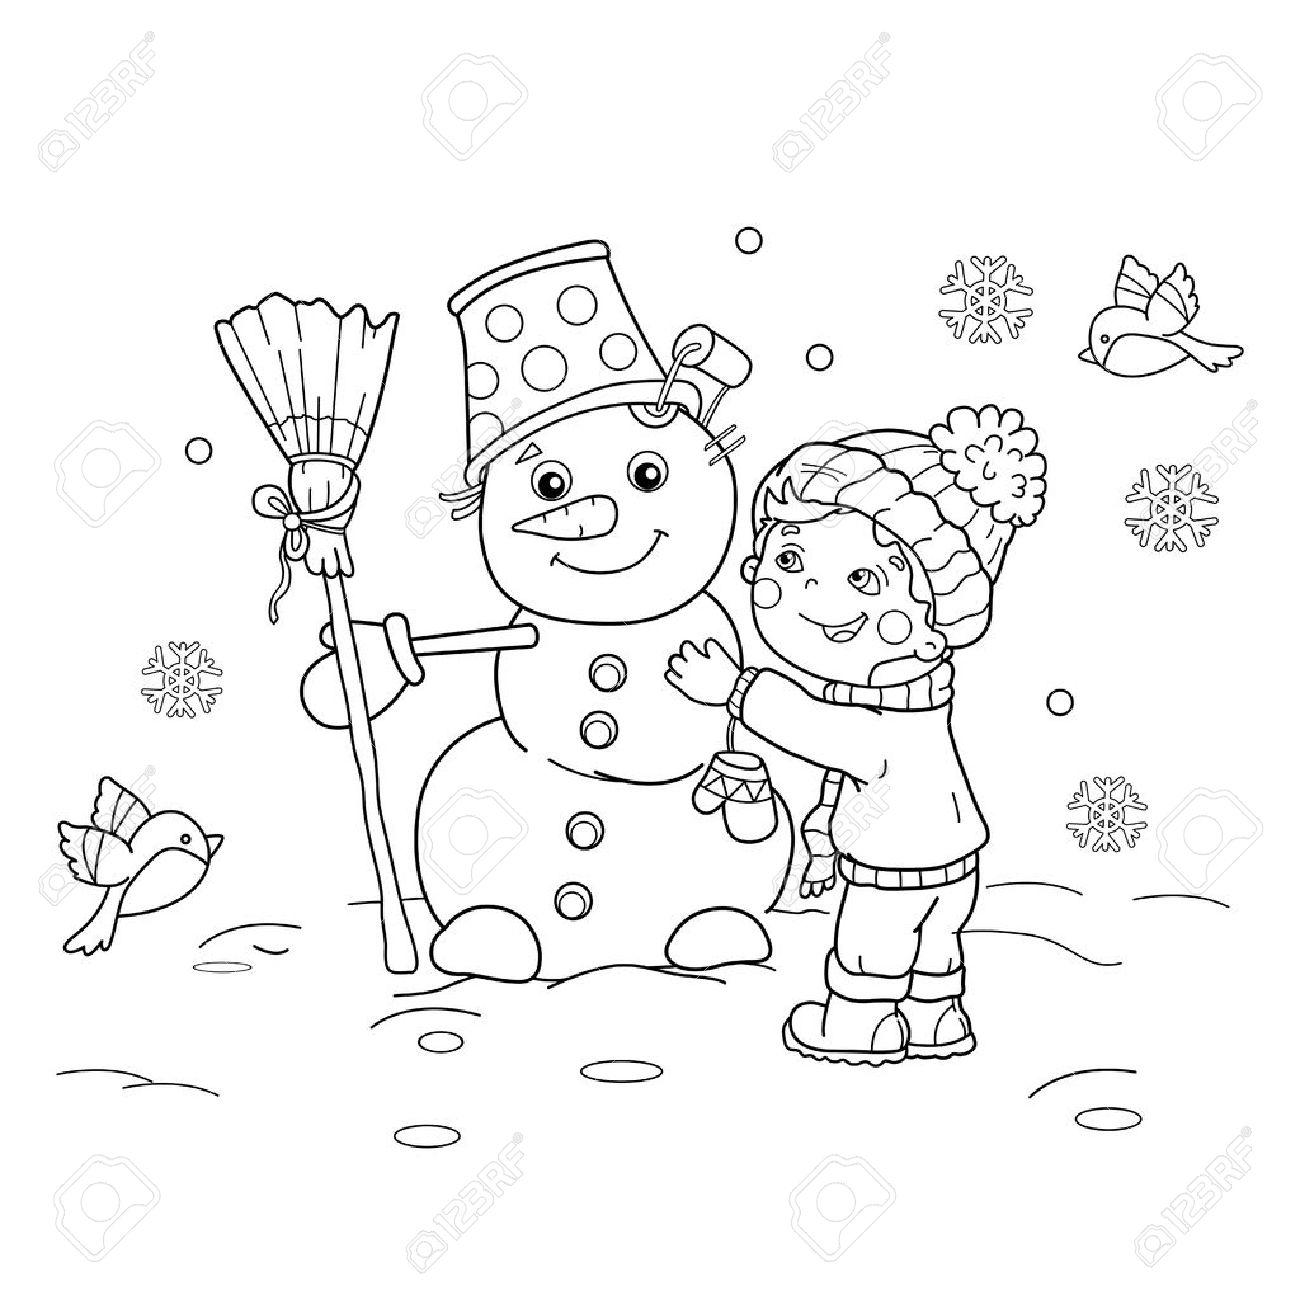 Página Para Colorear Esquema Del Niño De Dibujos Animados Con El Muñeco De Nieve Invierno Libro De Colorear Para Niños